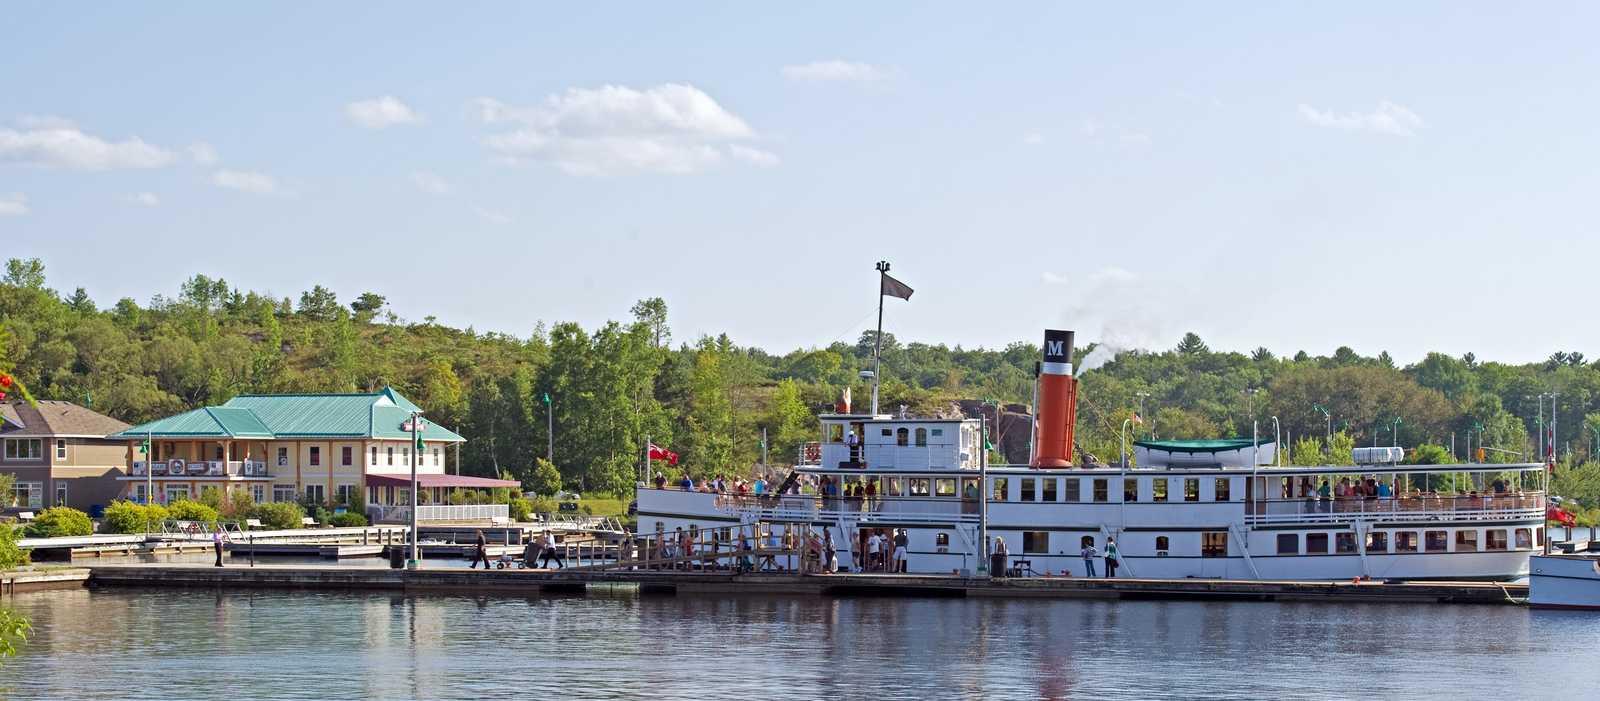 Historisches Schiff in Muskoka